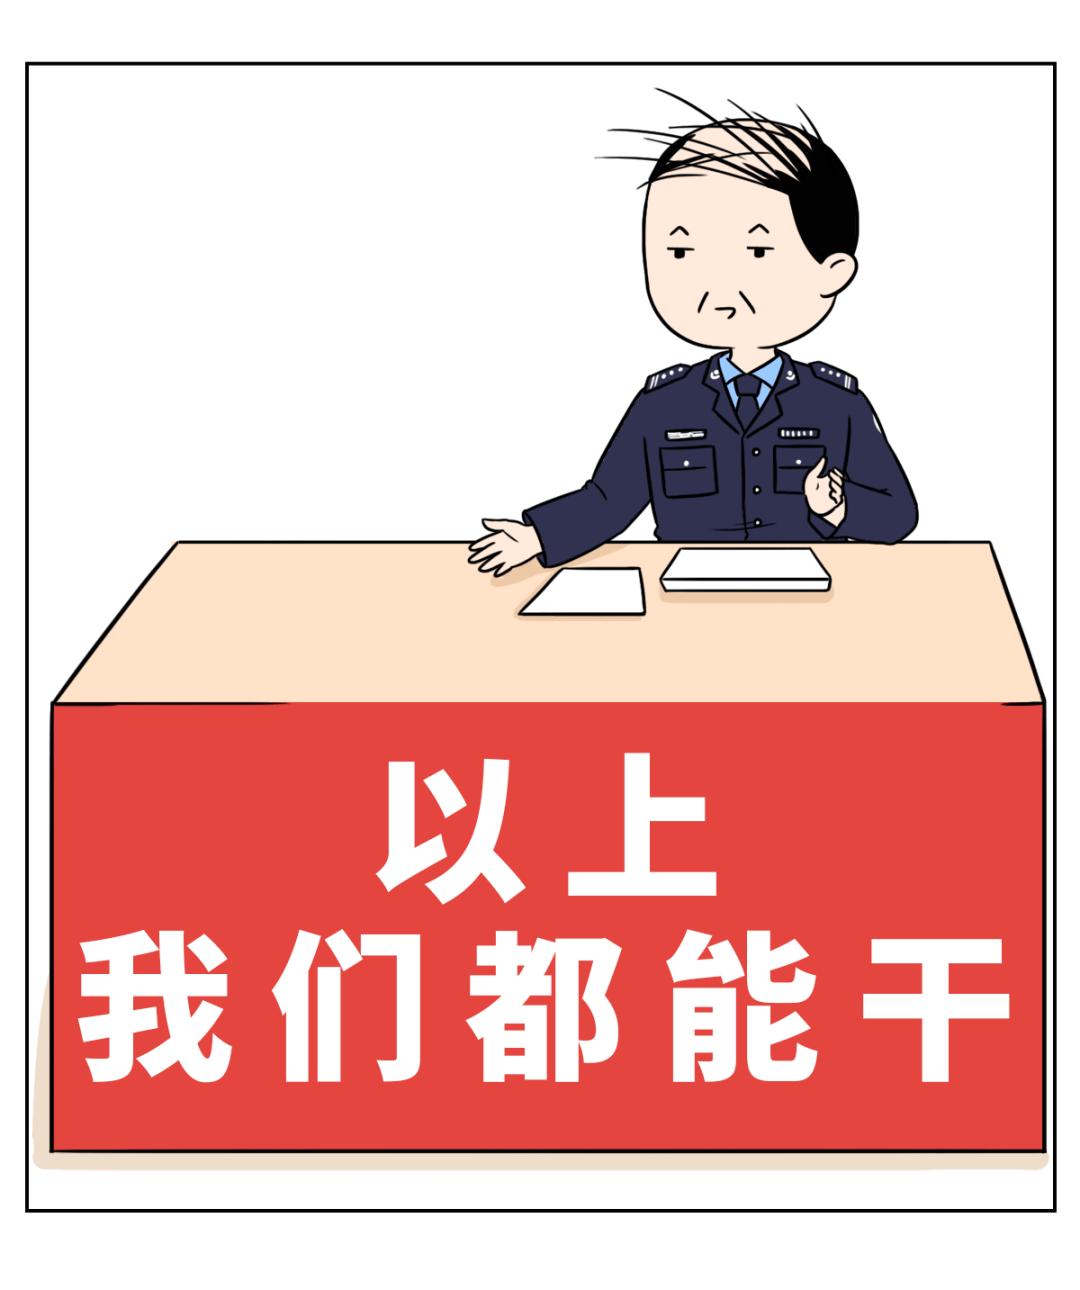 如果警察也去摆地摊,各警种都会卖什么?